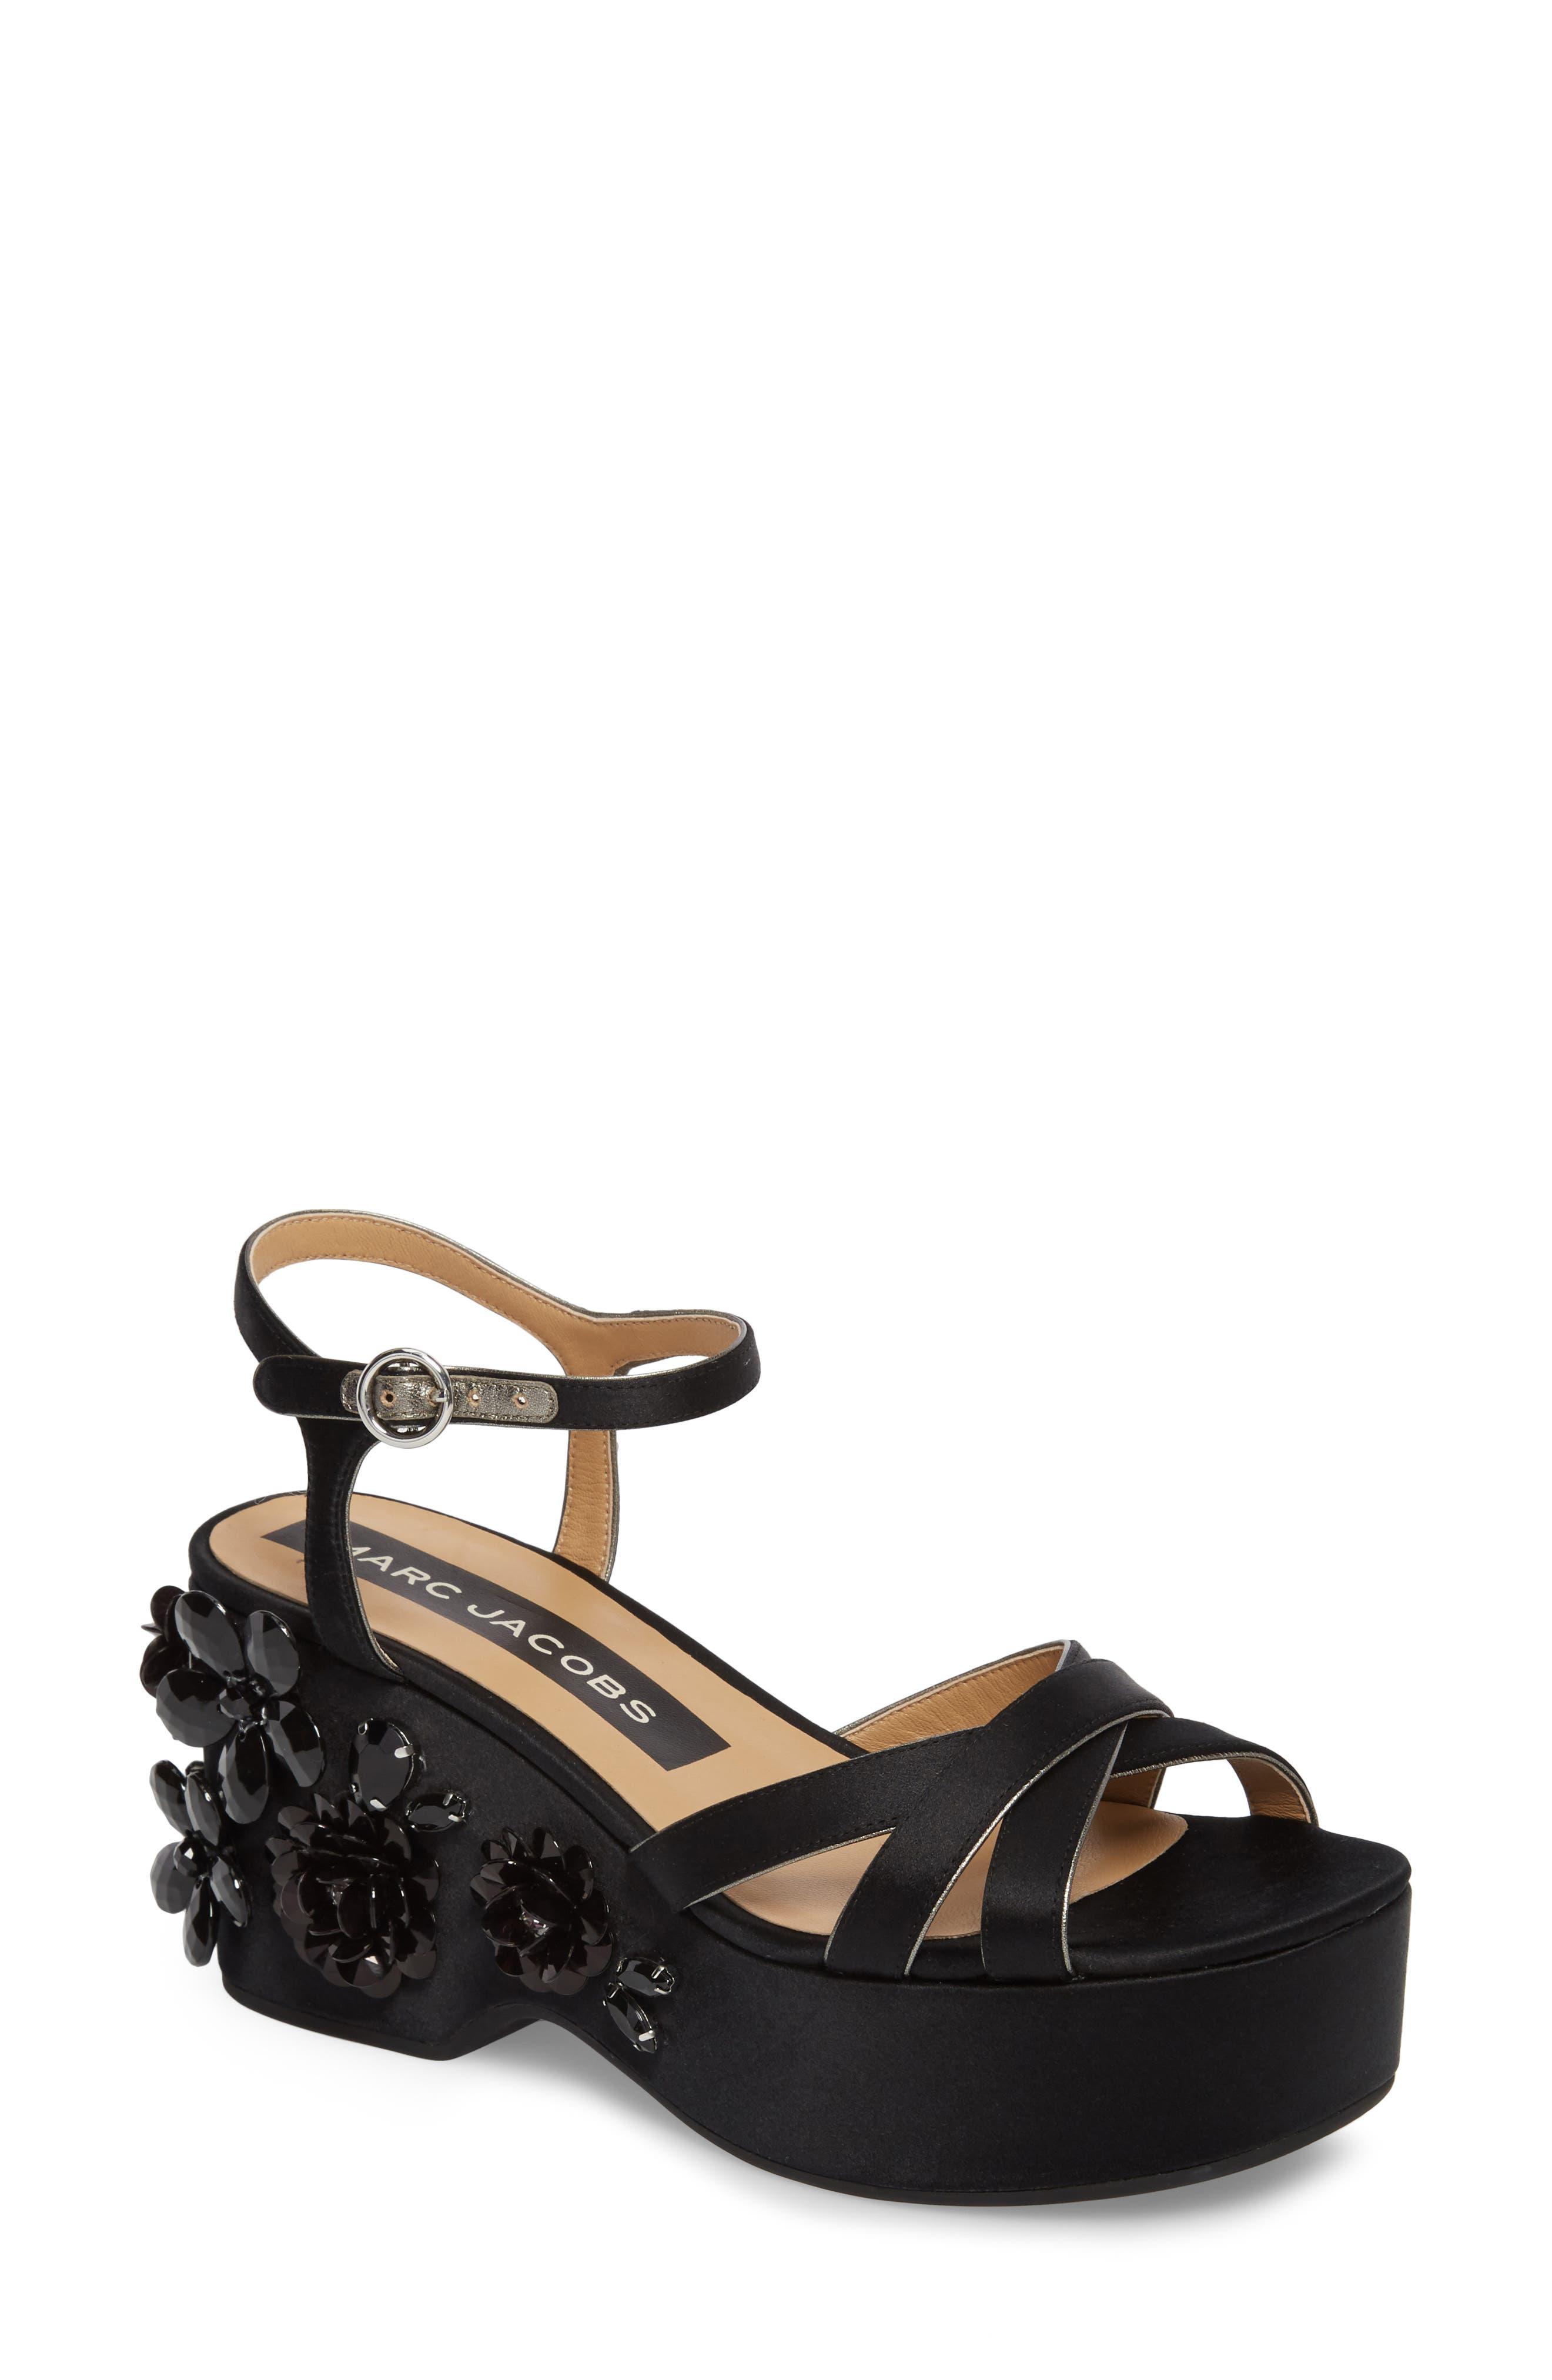 Callie Embellished Platform Sandal,                             Main thumbnail 1, color,                             001